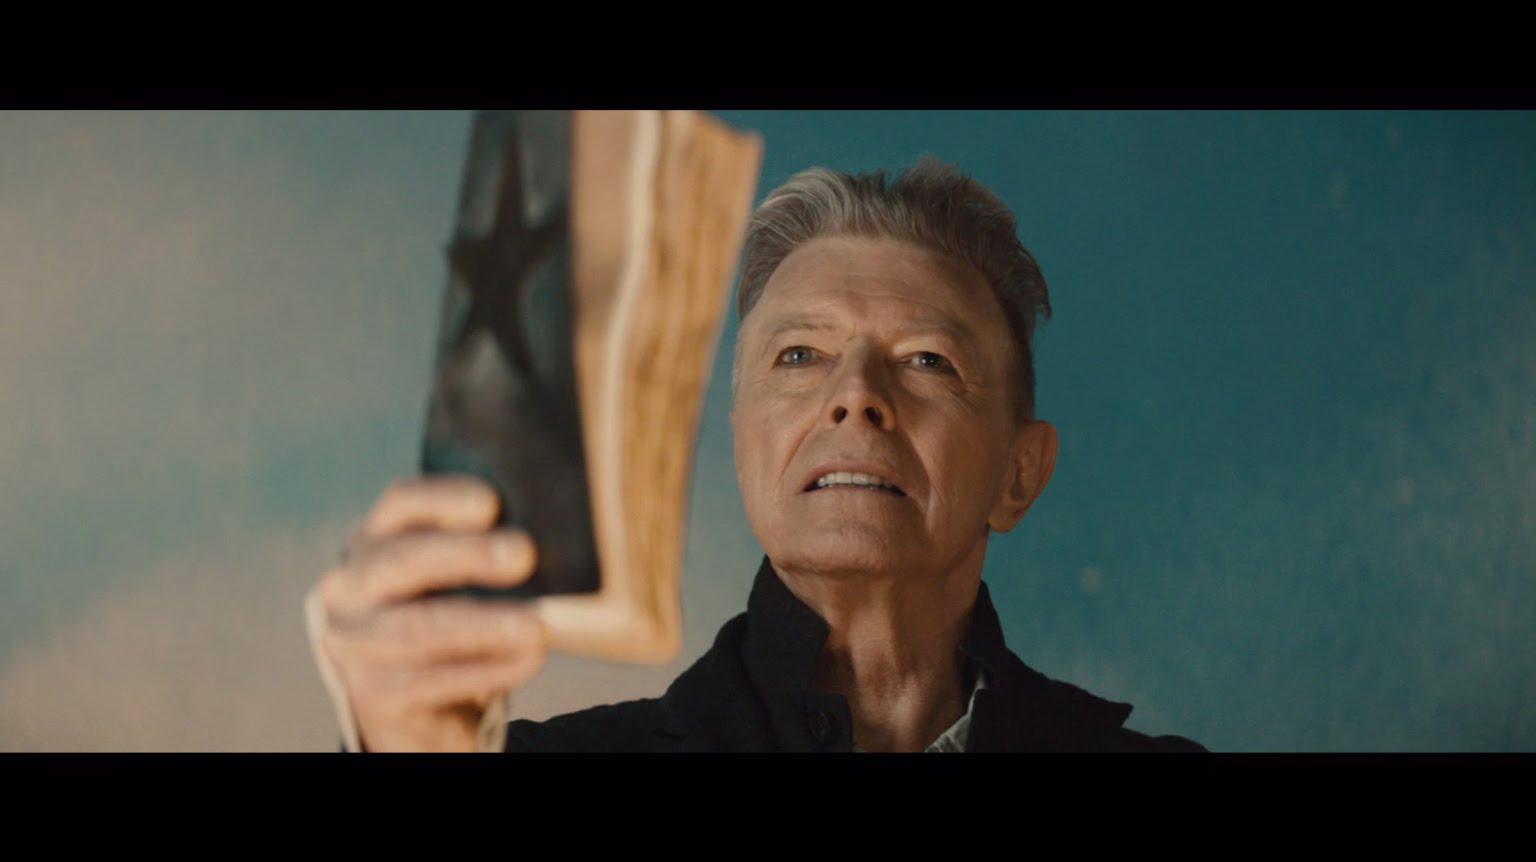 KRENUO U NOVOM SMJERU Bowie na novom albumu angažirao jazzere kako bi ga odvukli od rock klišeja